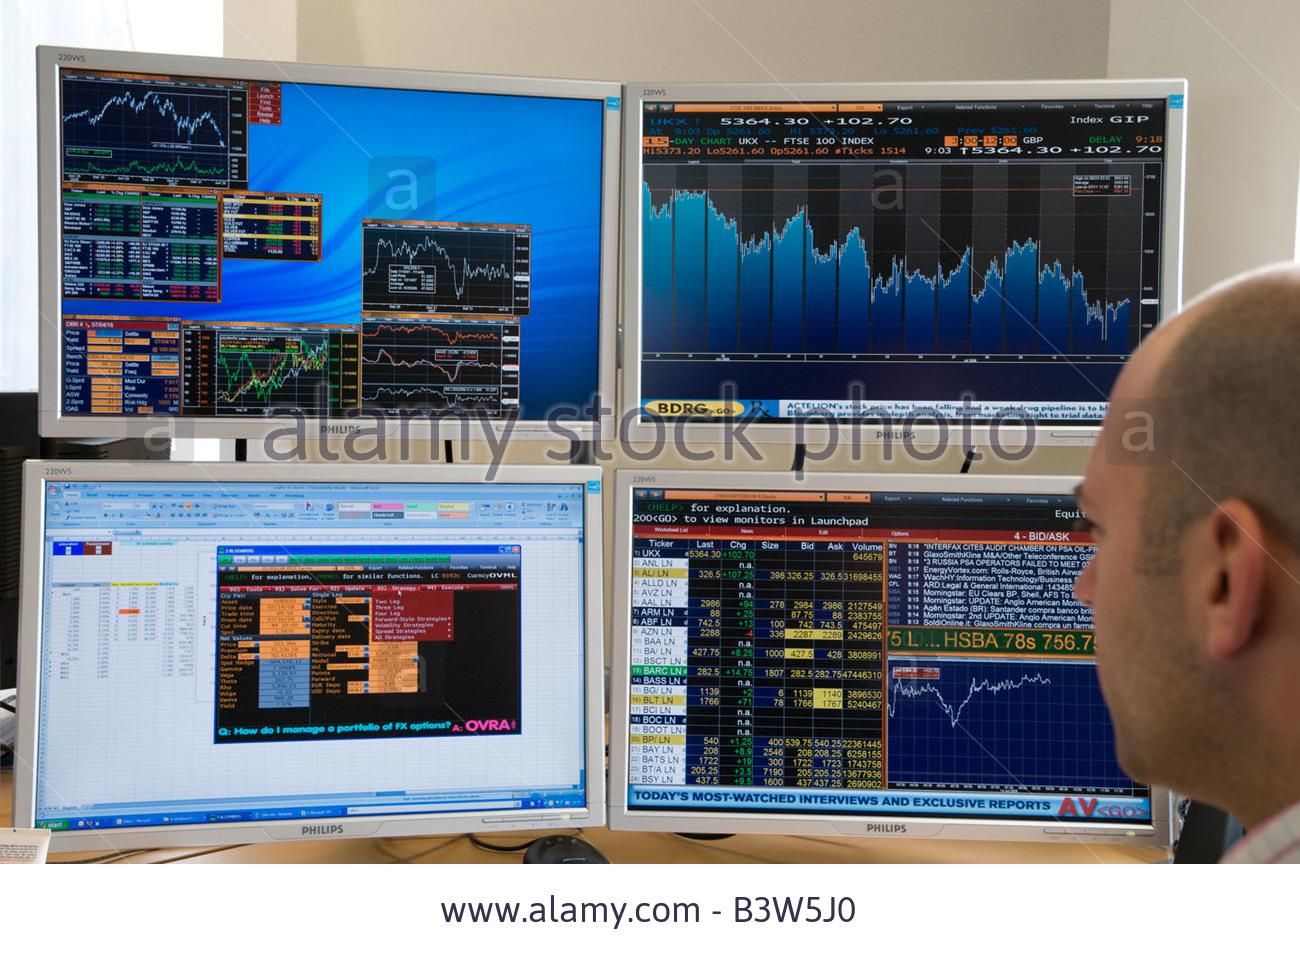 Как правильно торговать на бирже внутри дня? какие сигналы использовать для покупки и когда покупать?